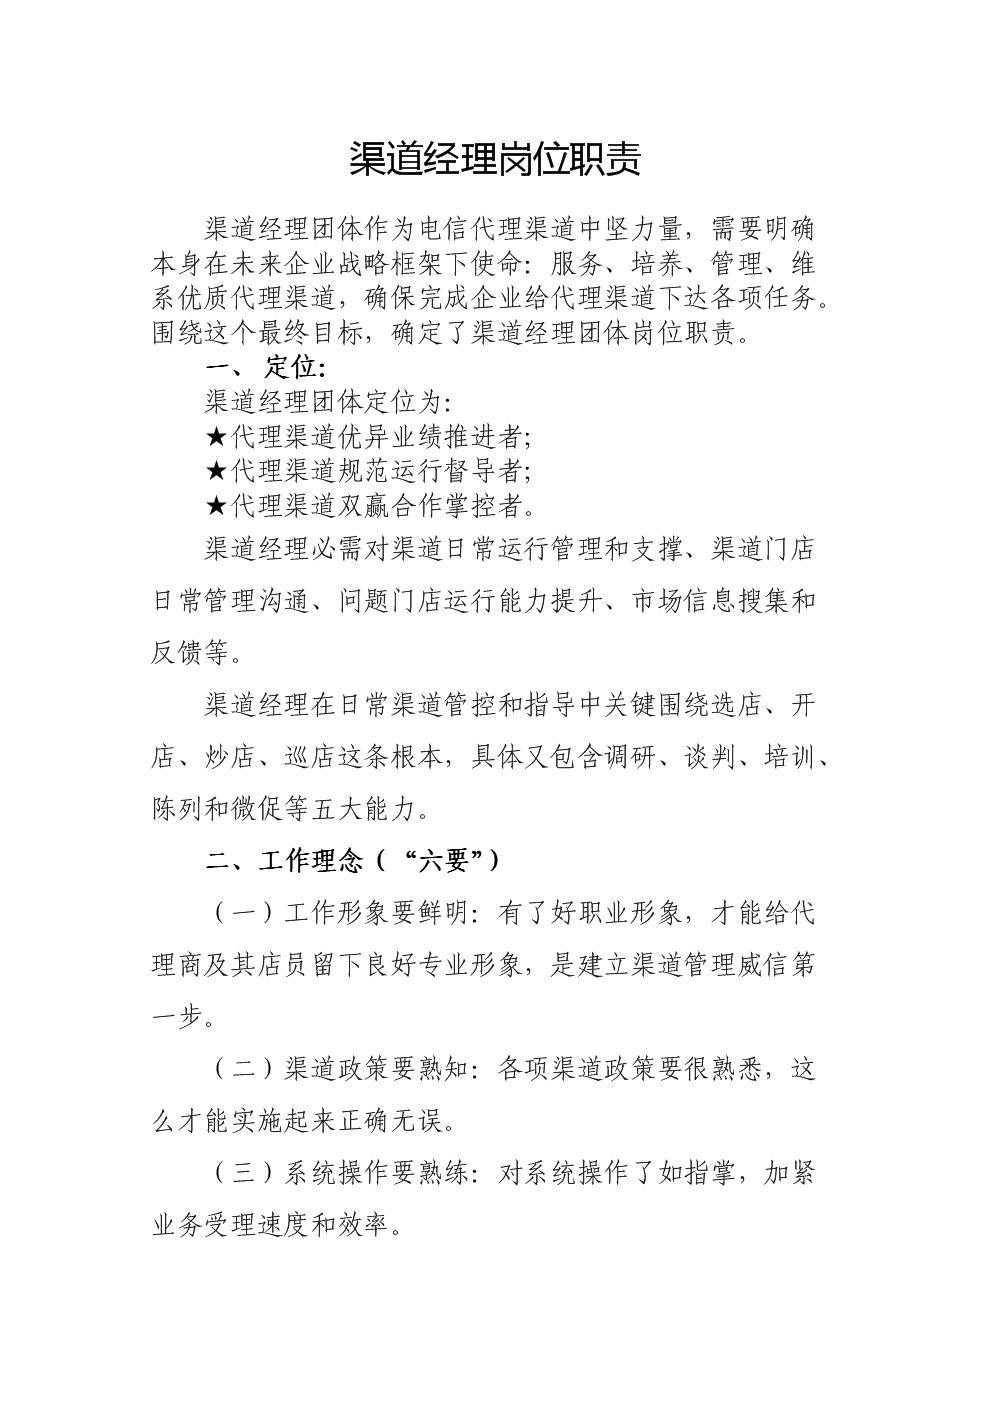 渠道经理岗位职能职责.docx